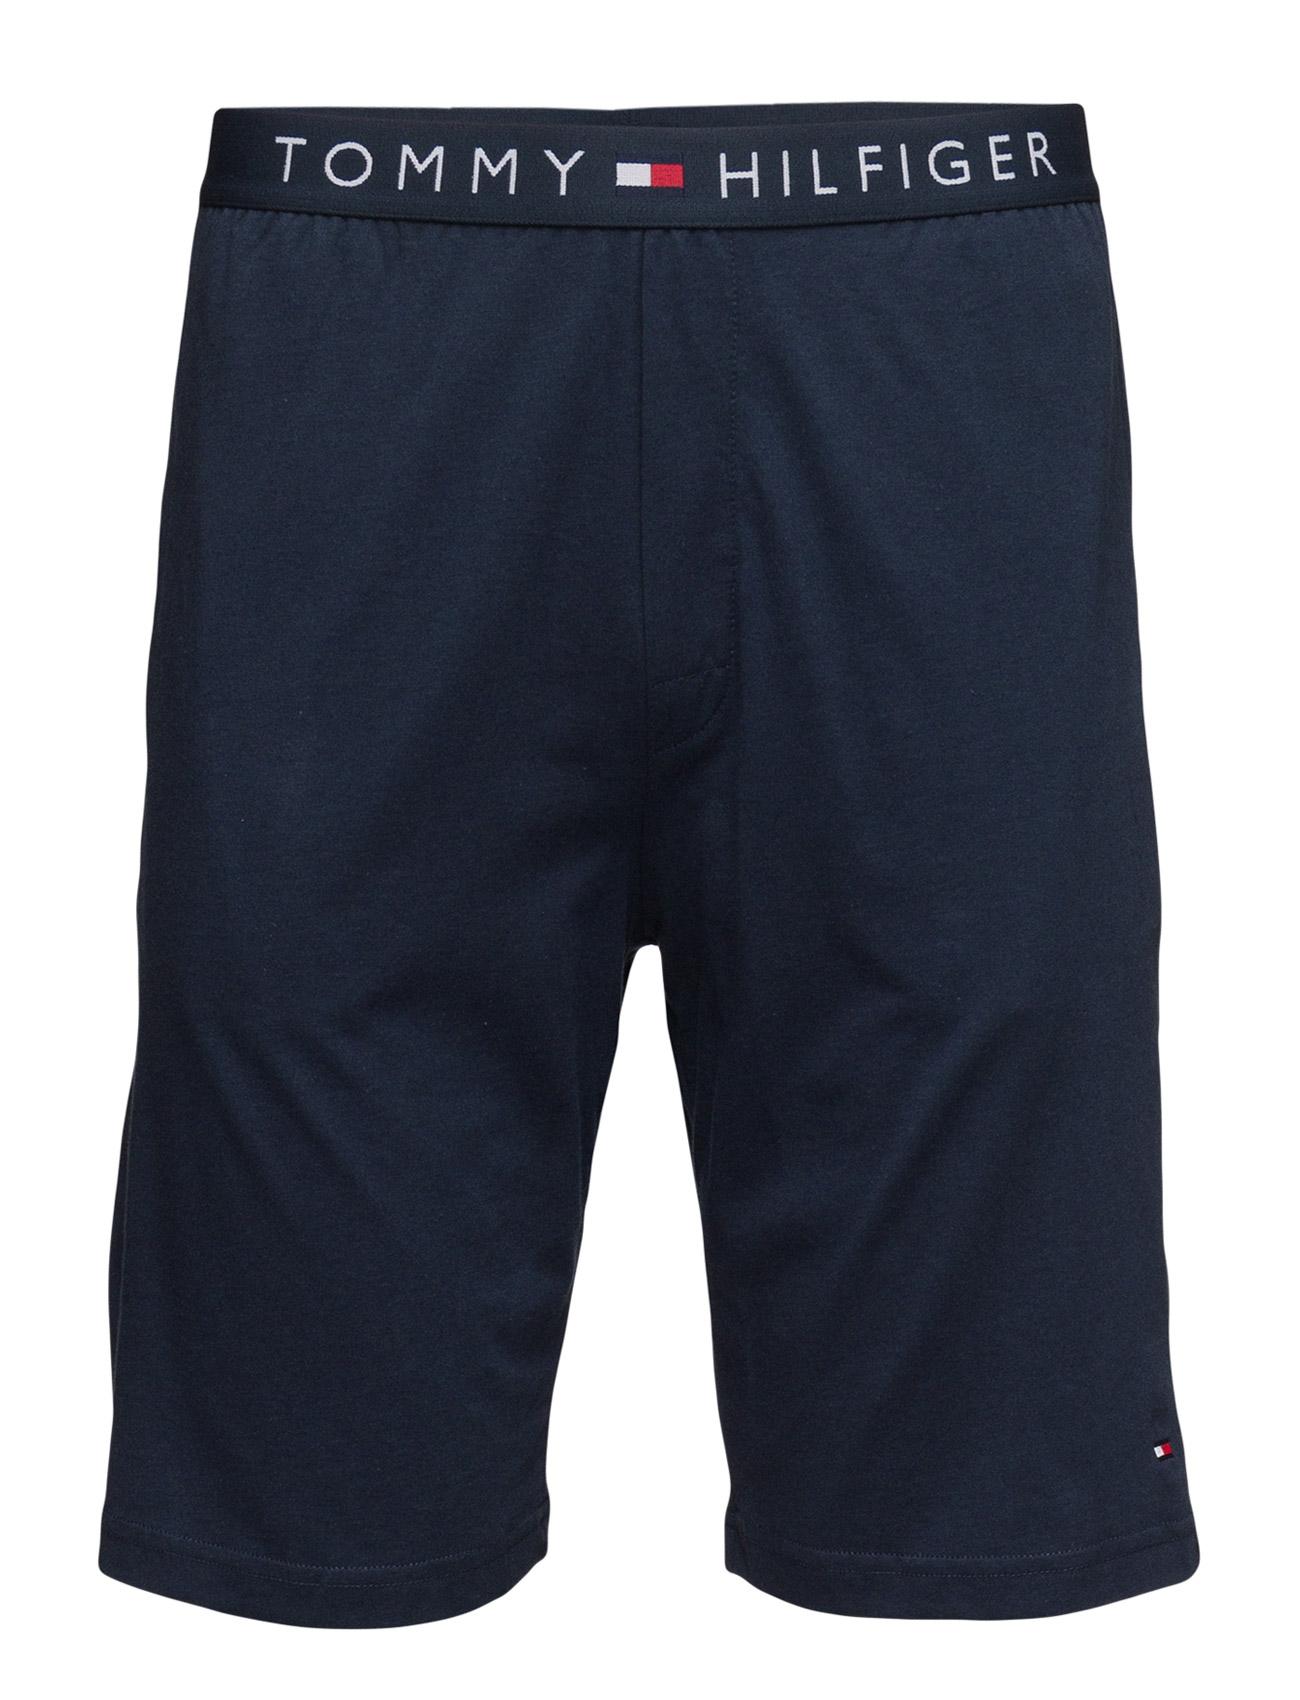 Cotton Short Icon Tommy Hilfiger Nattøj & Loungewear til Mænd i Blå